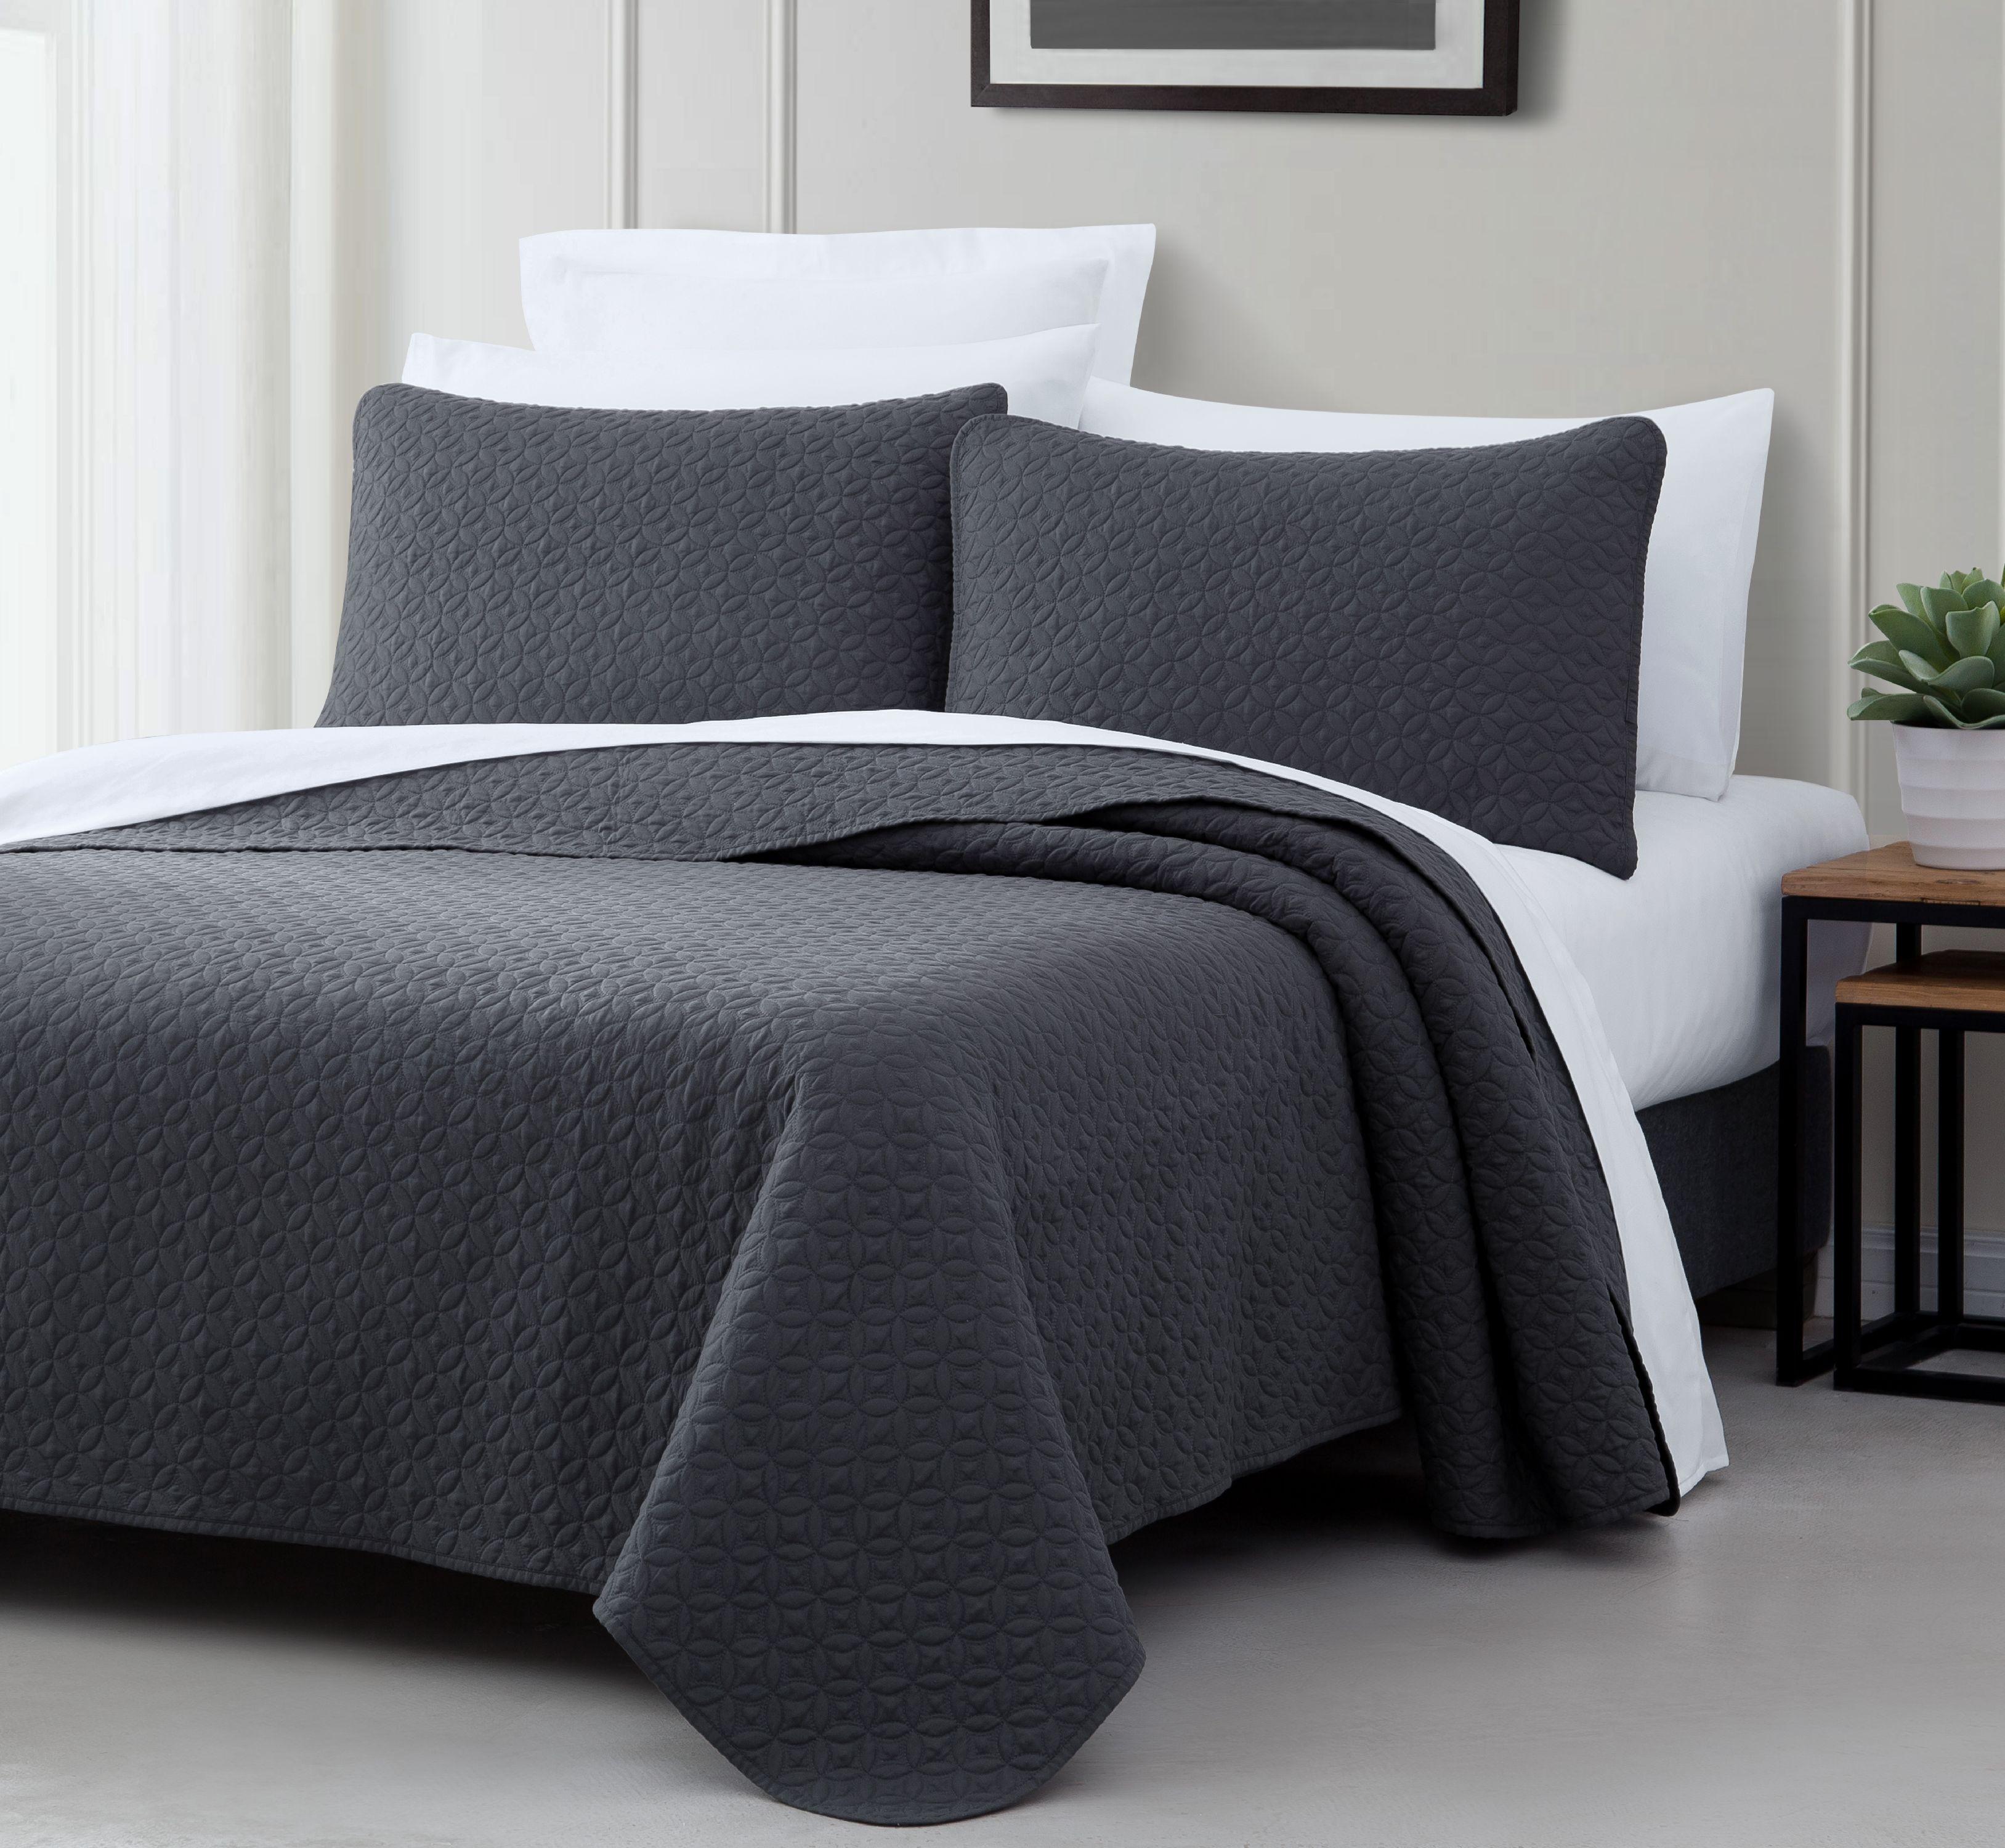 Cozy Beddings Titan 2-Piece Bedspread Coverlet Set